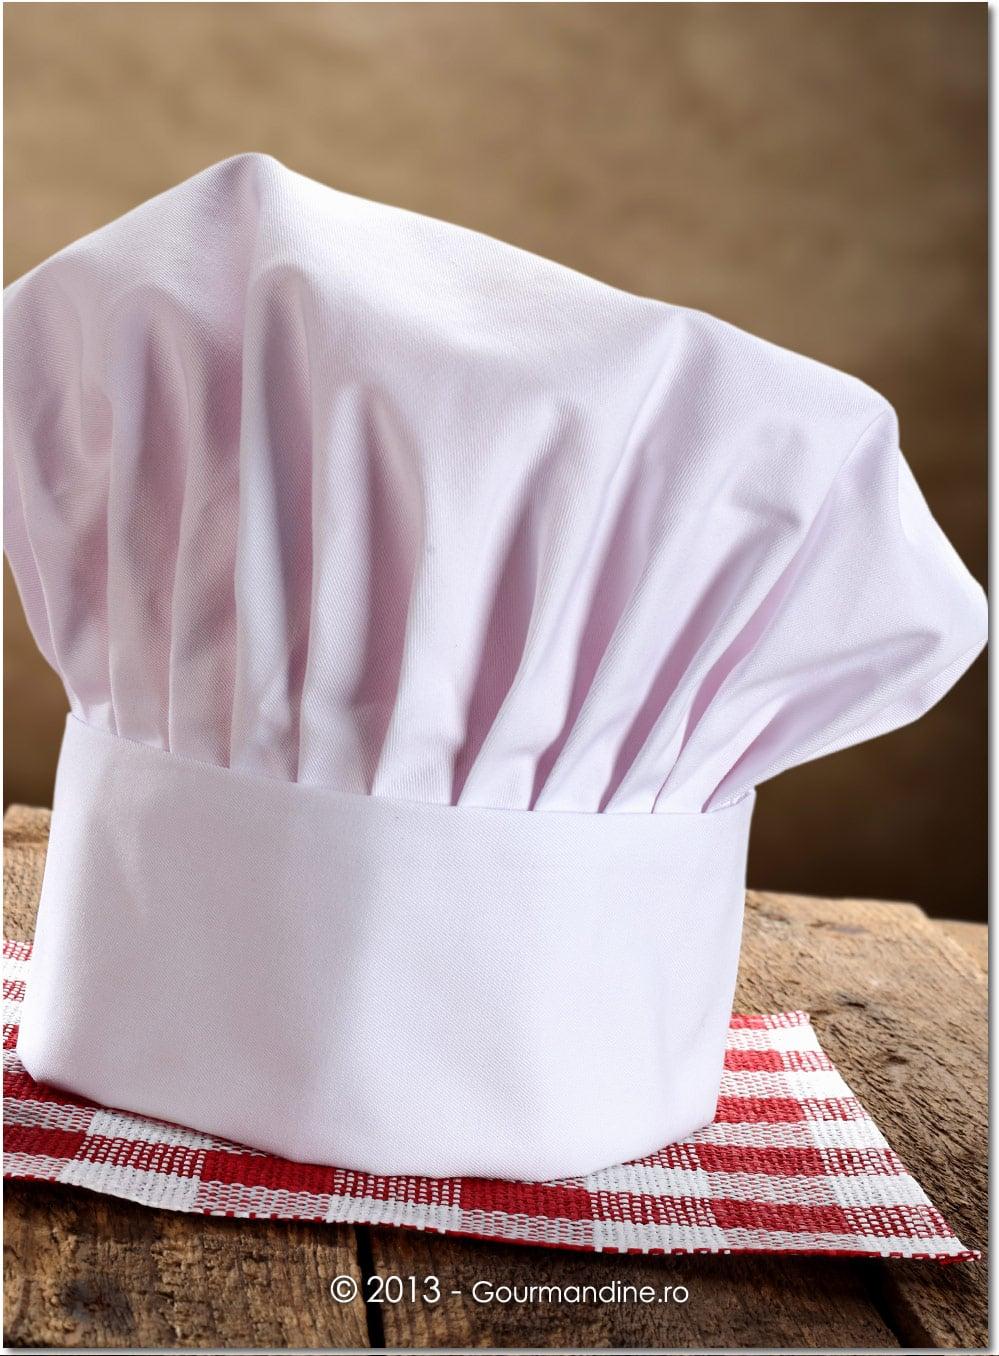 Bine de ştiut în bucătărie – alte sfaturi pentru gospodine